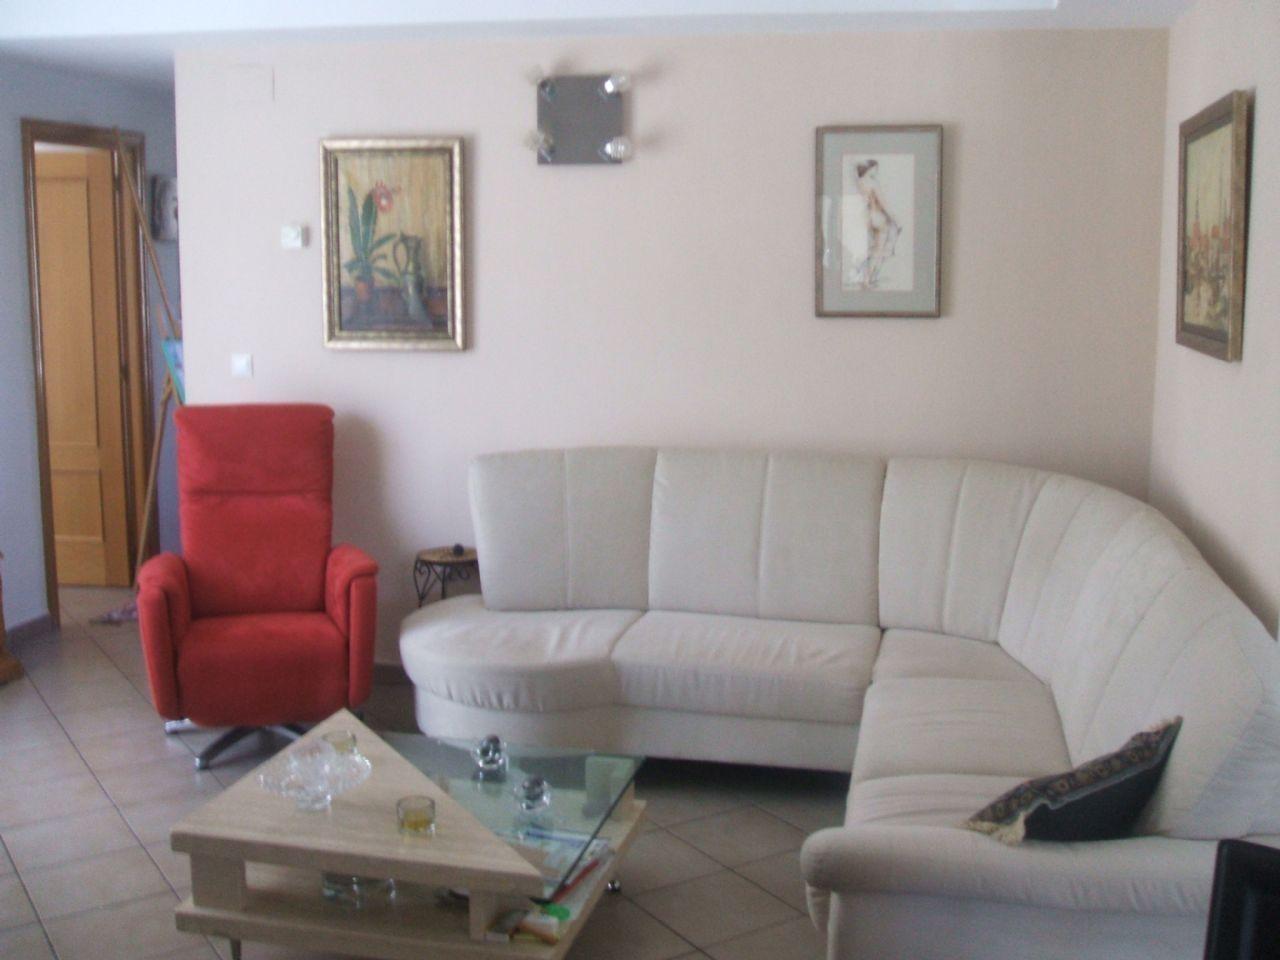 Piso en venta en: Benimantell – Alicante Piso en venta en: Benimantell – Zona: centro – Alicante – España – CP.03516 – REF-PIS0155 Superficie construida: 80m² Precio: 110.000€ …